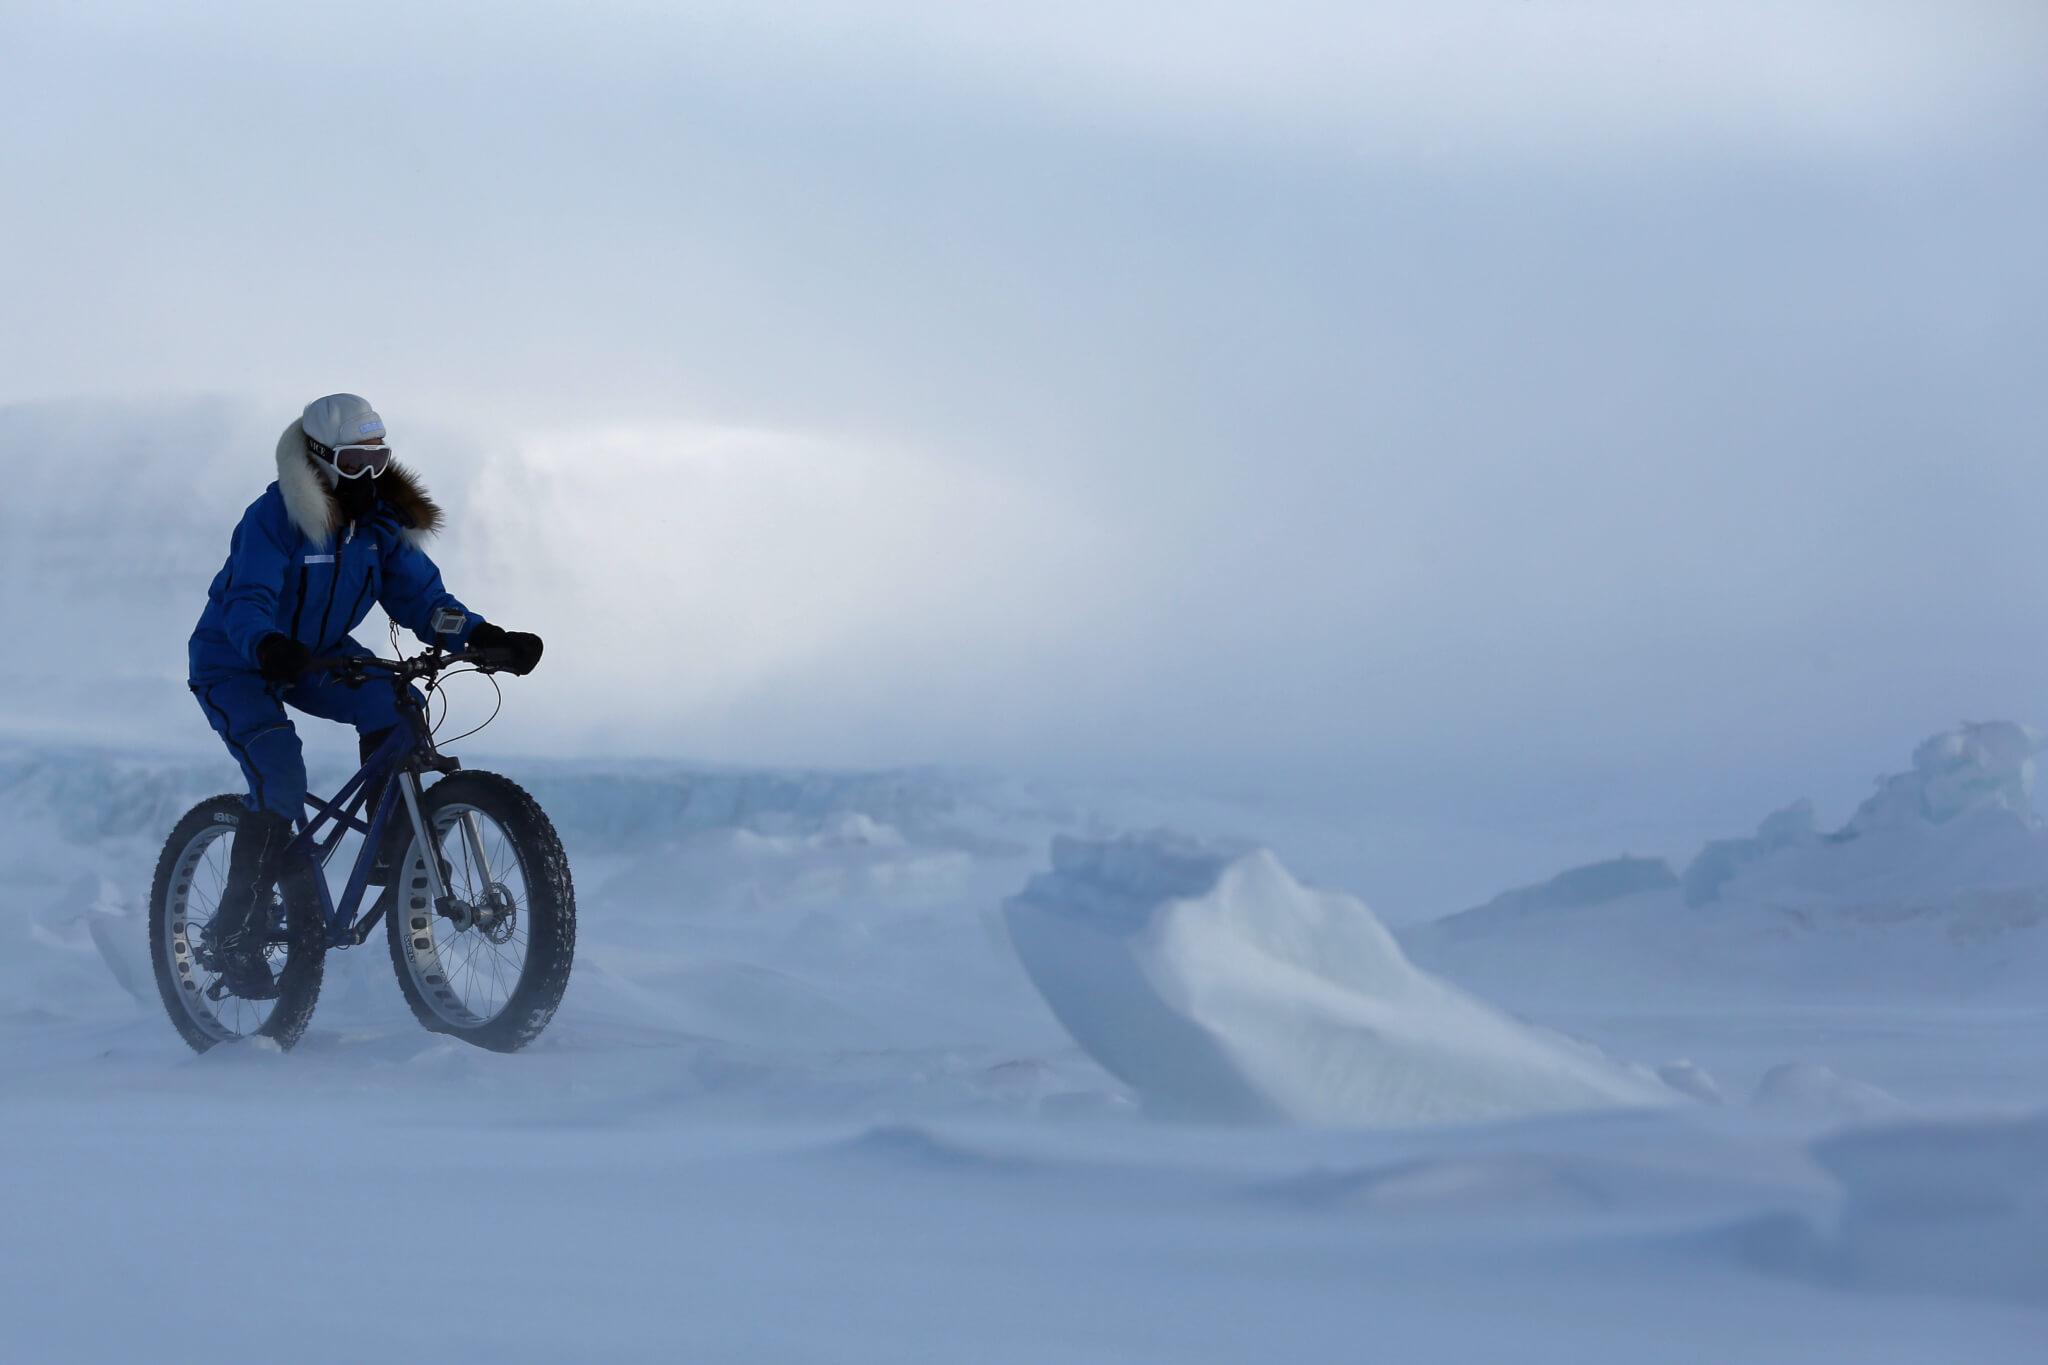 Kate-Leeming-Breaking-The-Cycle-South-Pole-©-PhilCoates.TV-3.jpg